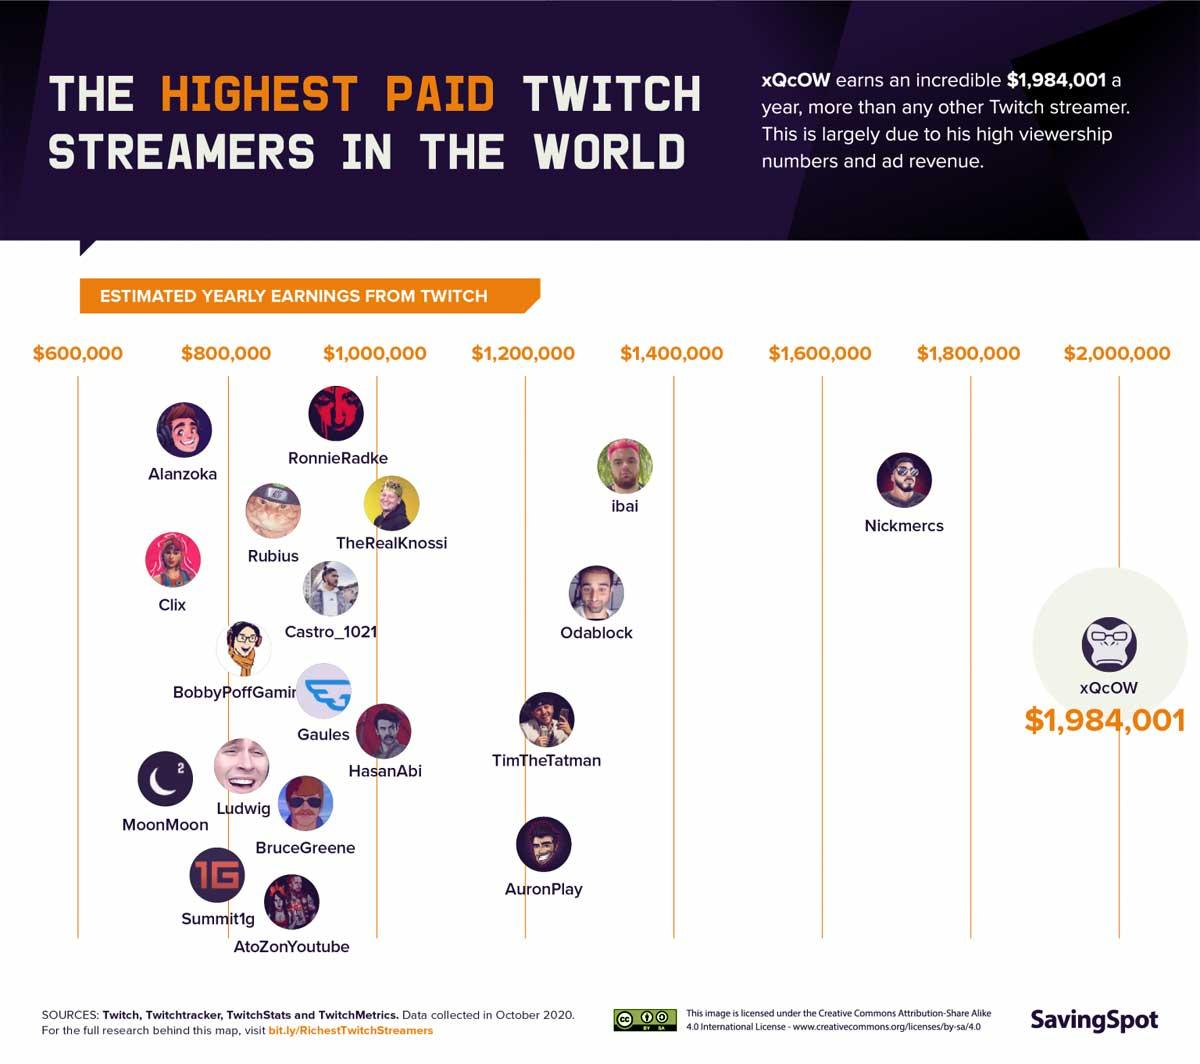 Los mejor pagados en Twitch